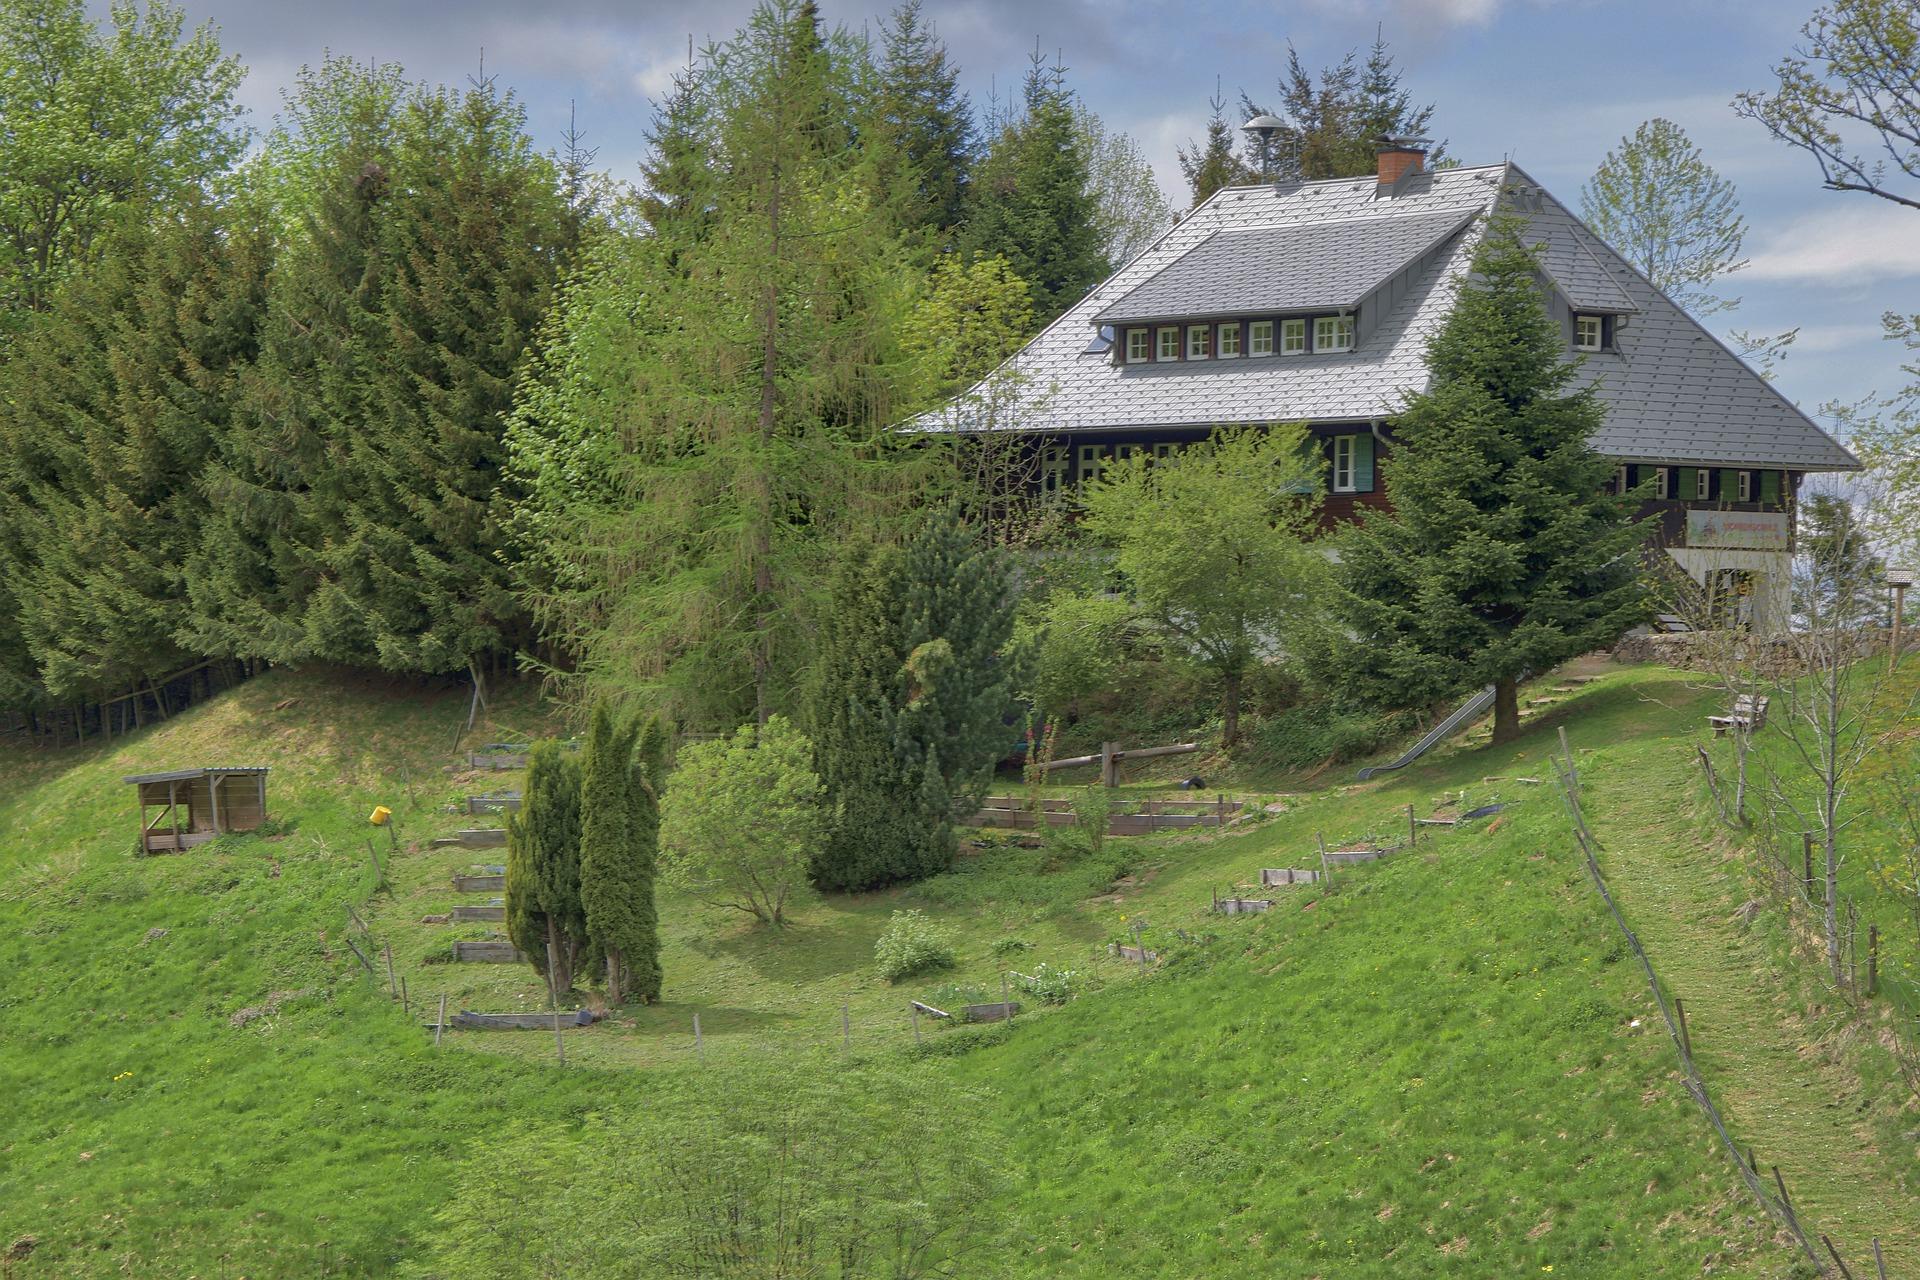 Conseils Pour Créer Un Jardin Dans Une Pente - Jardinage Blog concernant Comment Aménager Son Jardin Devant La Maison